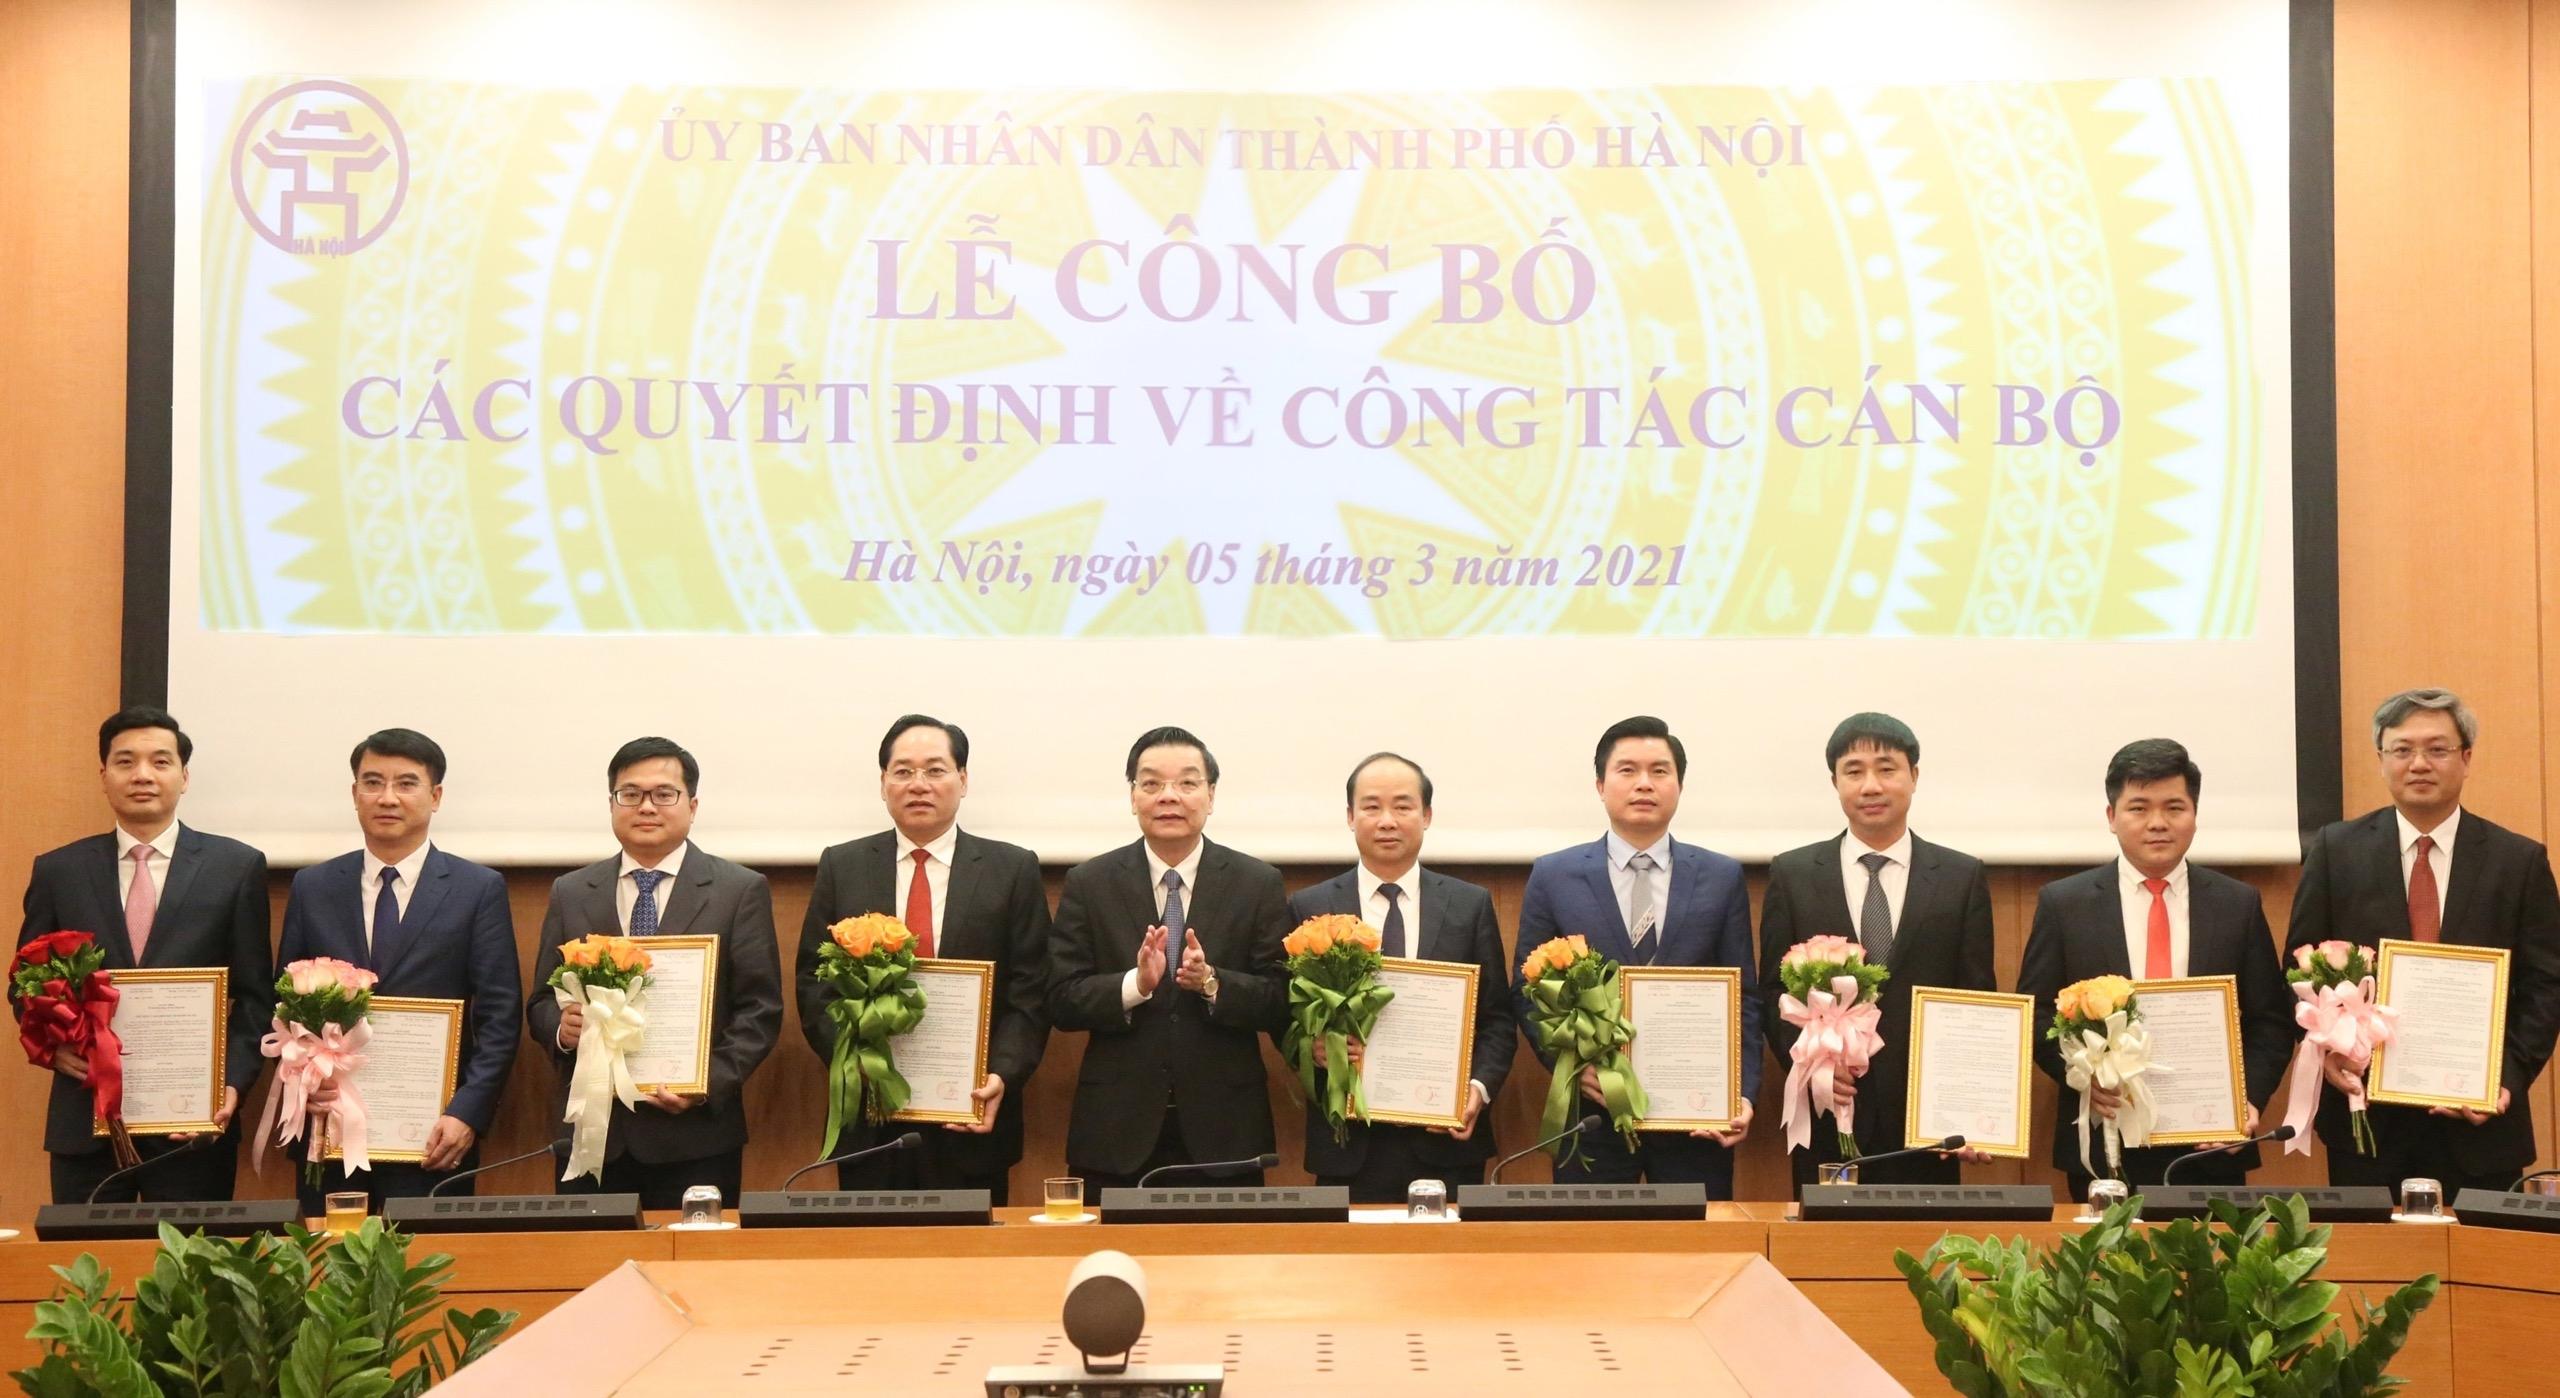 Ủy ban nhân dân thành phố Hà Nội công bố quyết định về công tác cán bộ